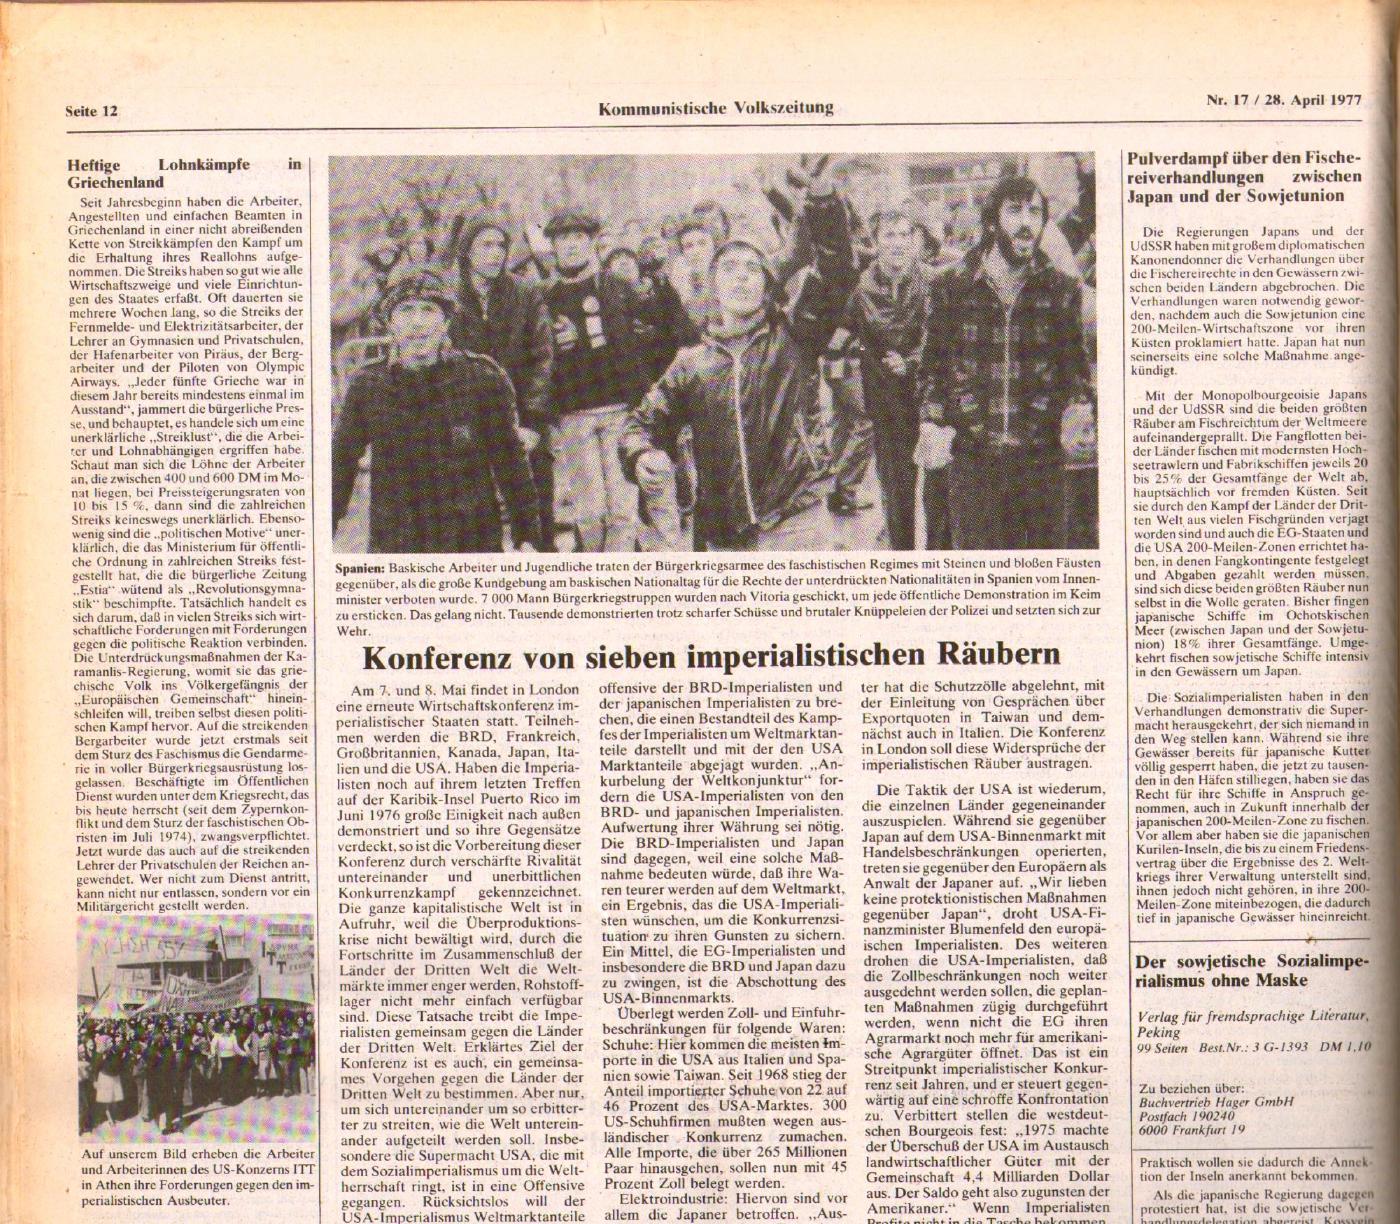 KVZ_Nord_1977_17_23